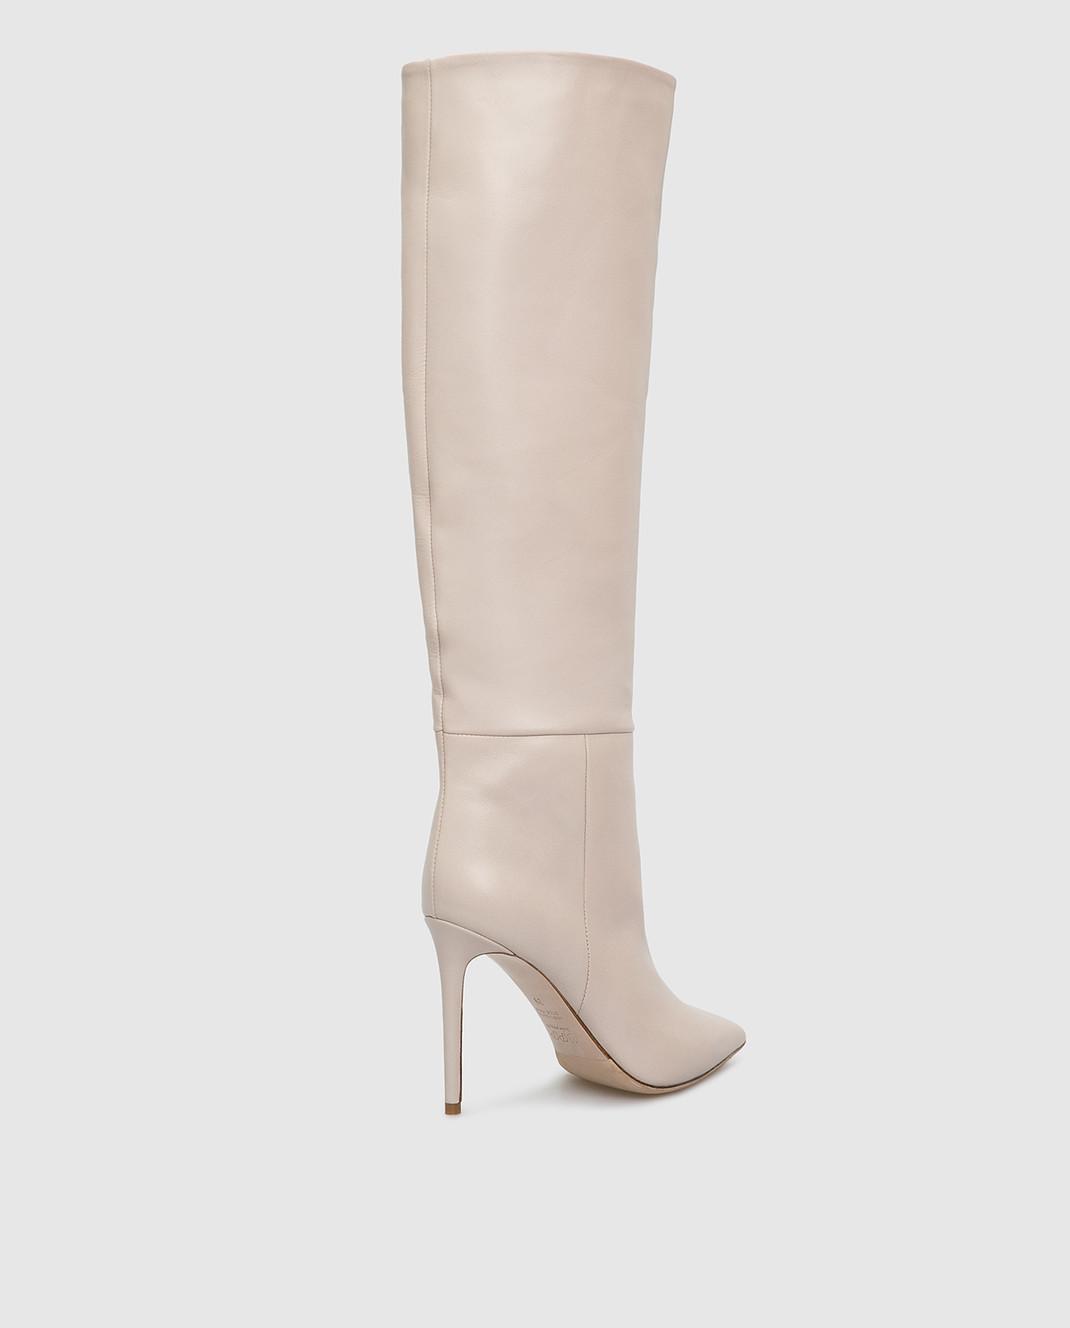 Babe Pay Pls Светло-бежевые кожаные сапоги изображение 4